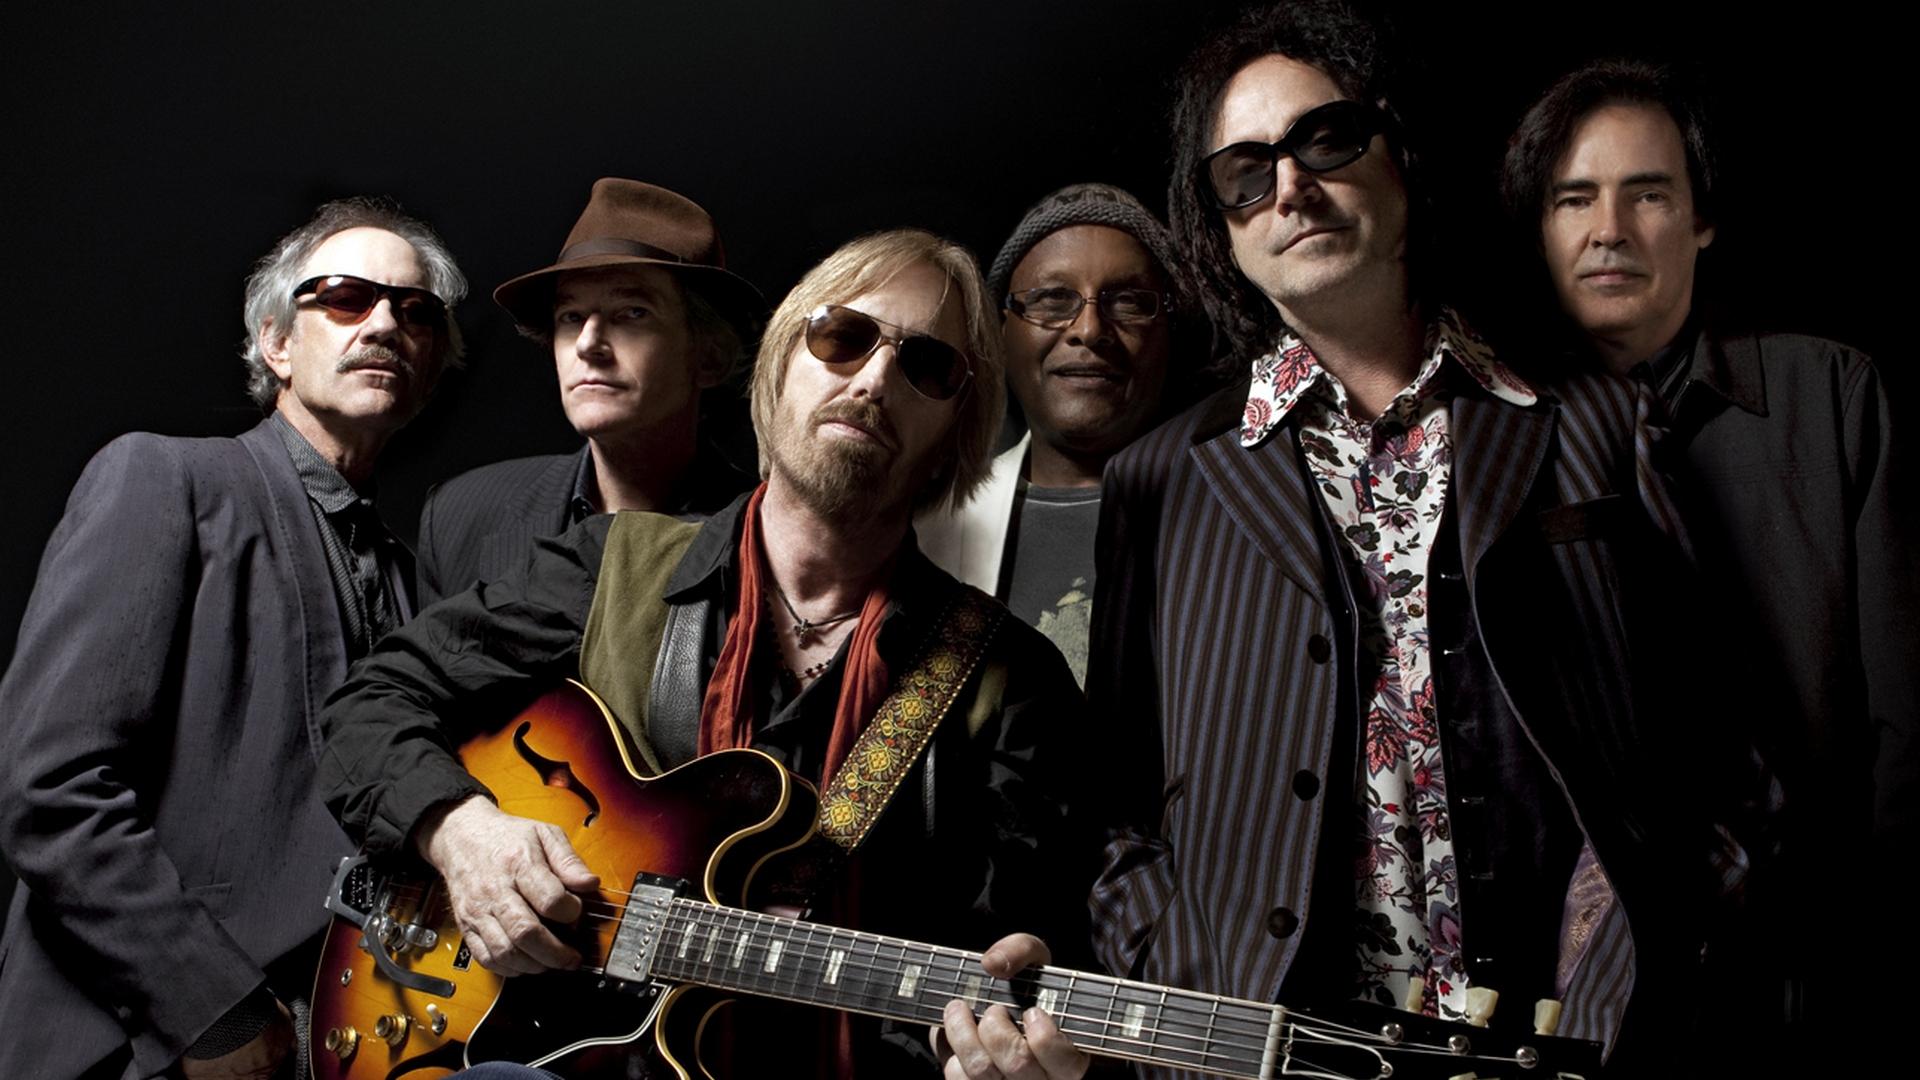 Tom Petty and The Heartbreakers Music fanart fanarttv 1920x1080